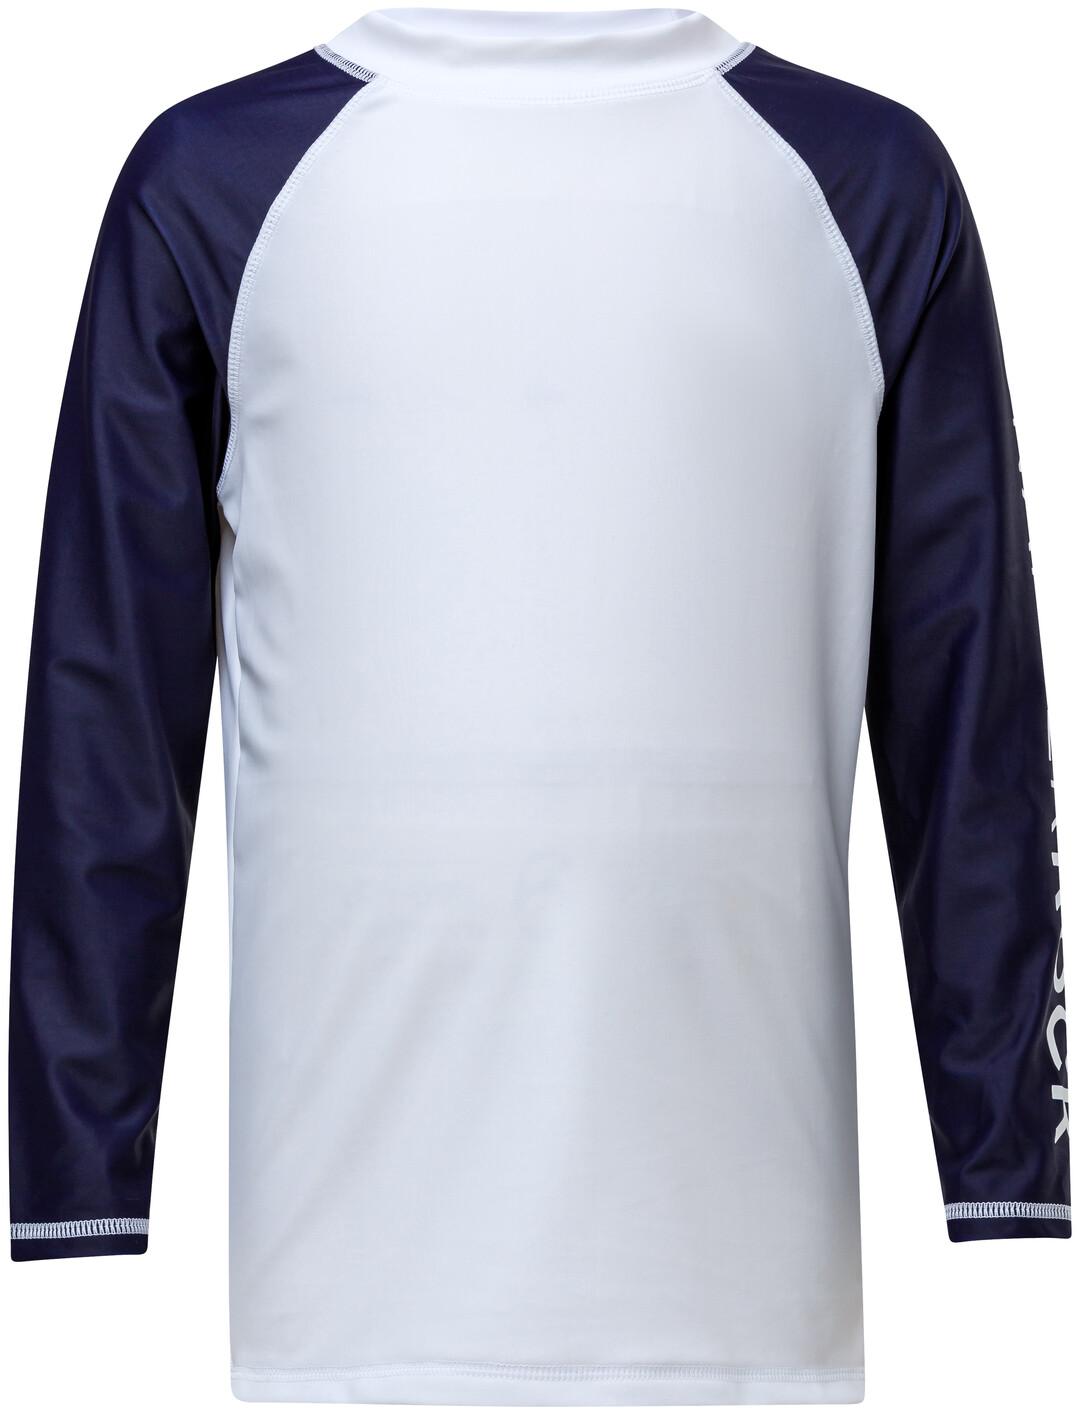 Navy Sleeve Rash Top 4